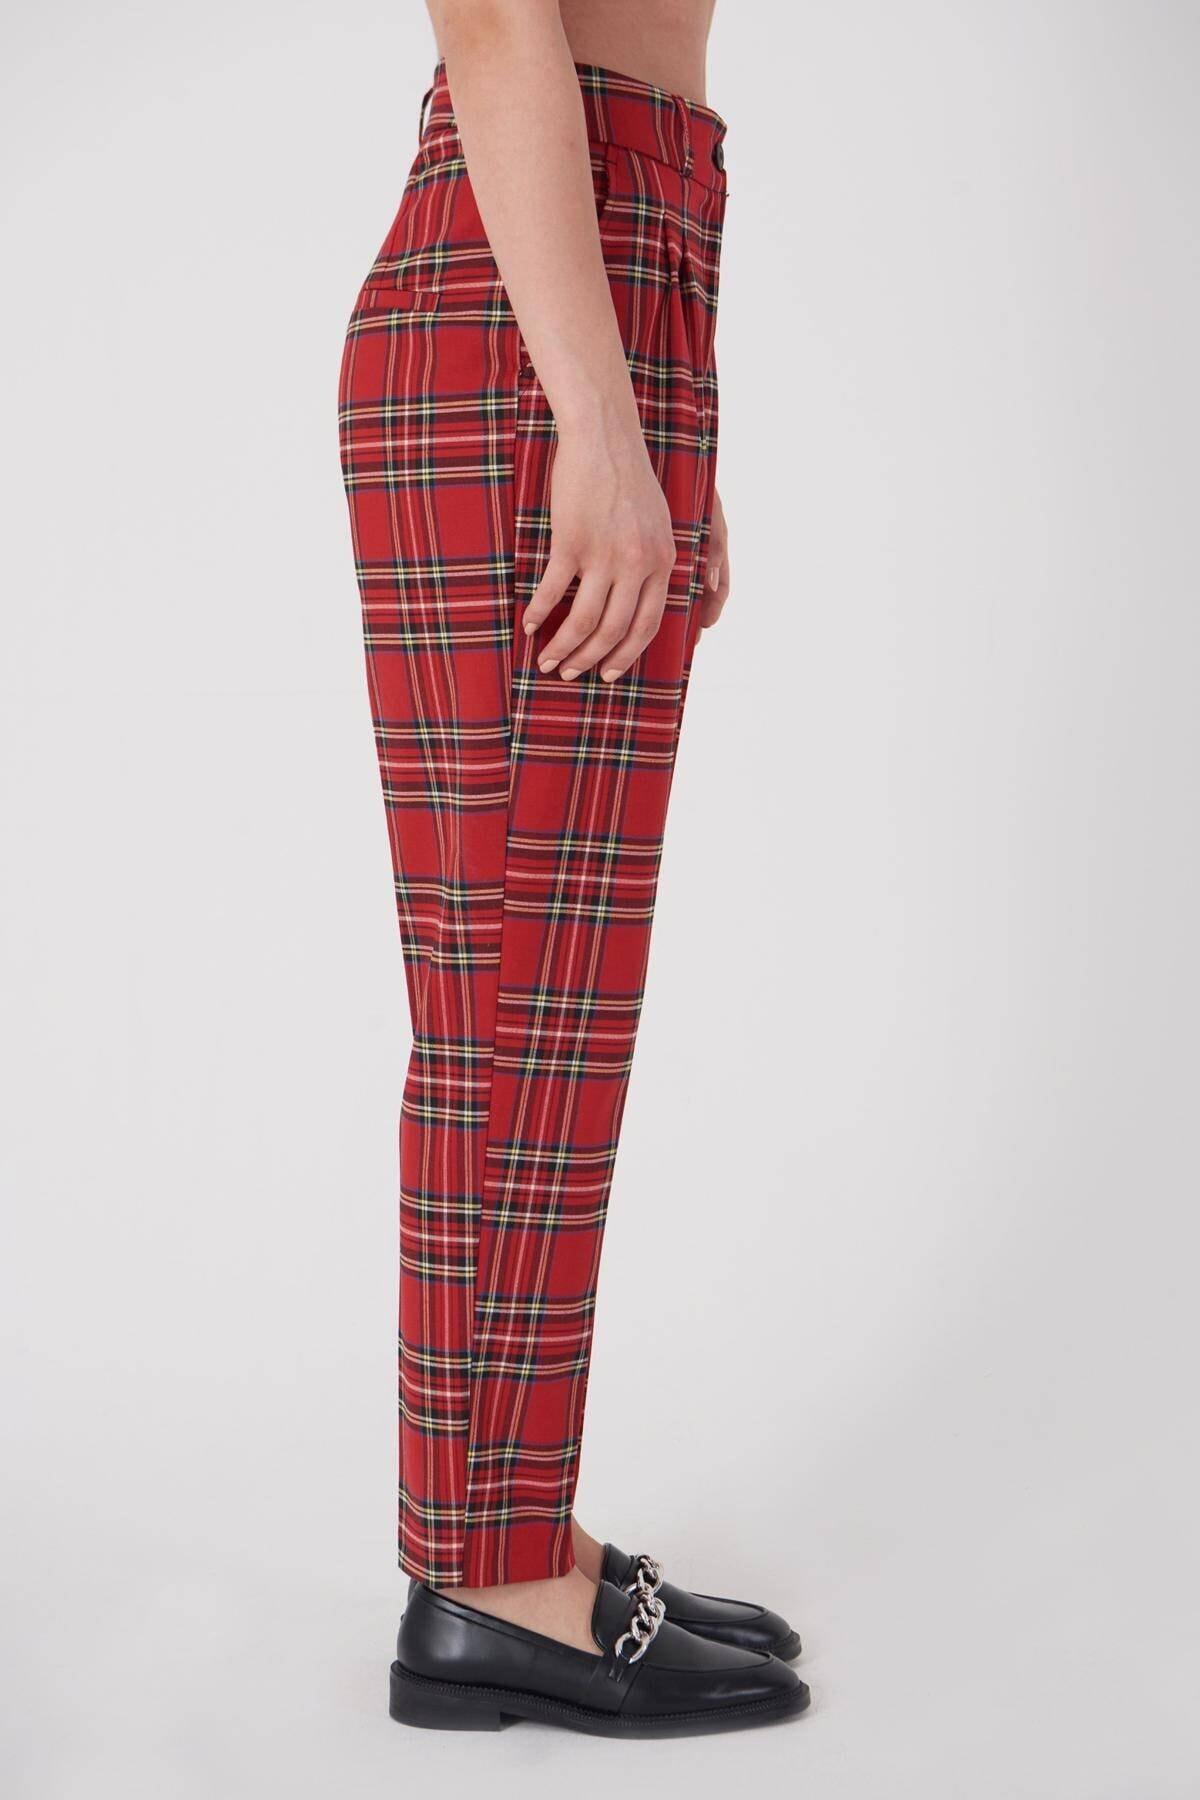 Addax Kadın Kırmızı Ekoseli Pantolon PN21-0222 - X6 ADX-0000023709 1